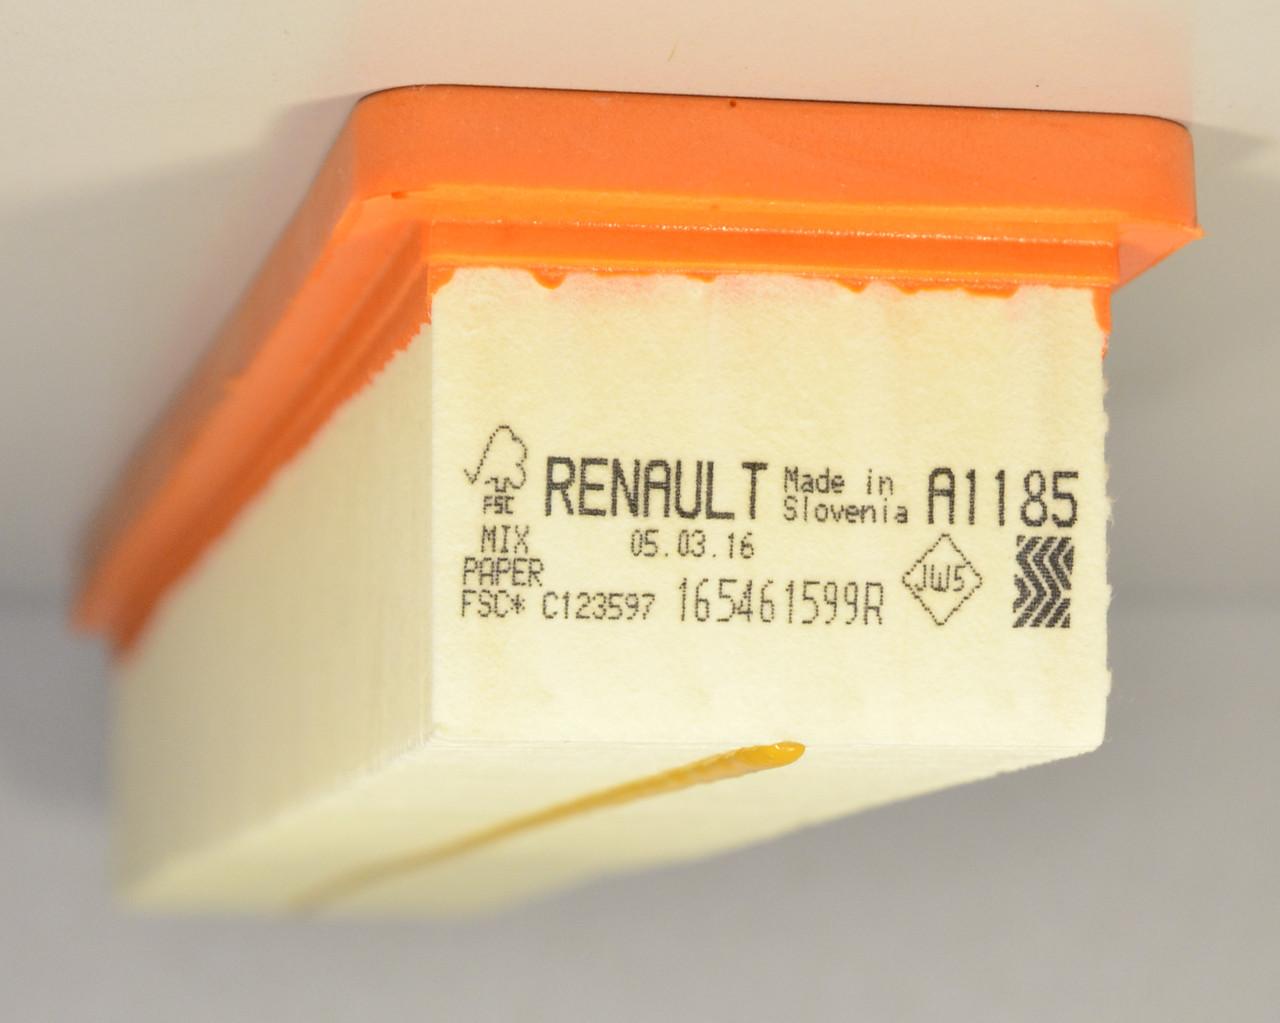 Фильтр воздуха 1.2i 16V (PX A1185) Renault Kangoo + Nissan Kubistar 01->08 — RENAULT (Оригинал) - 165461599R